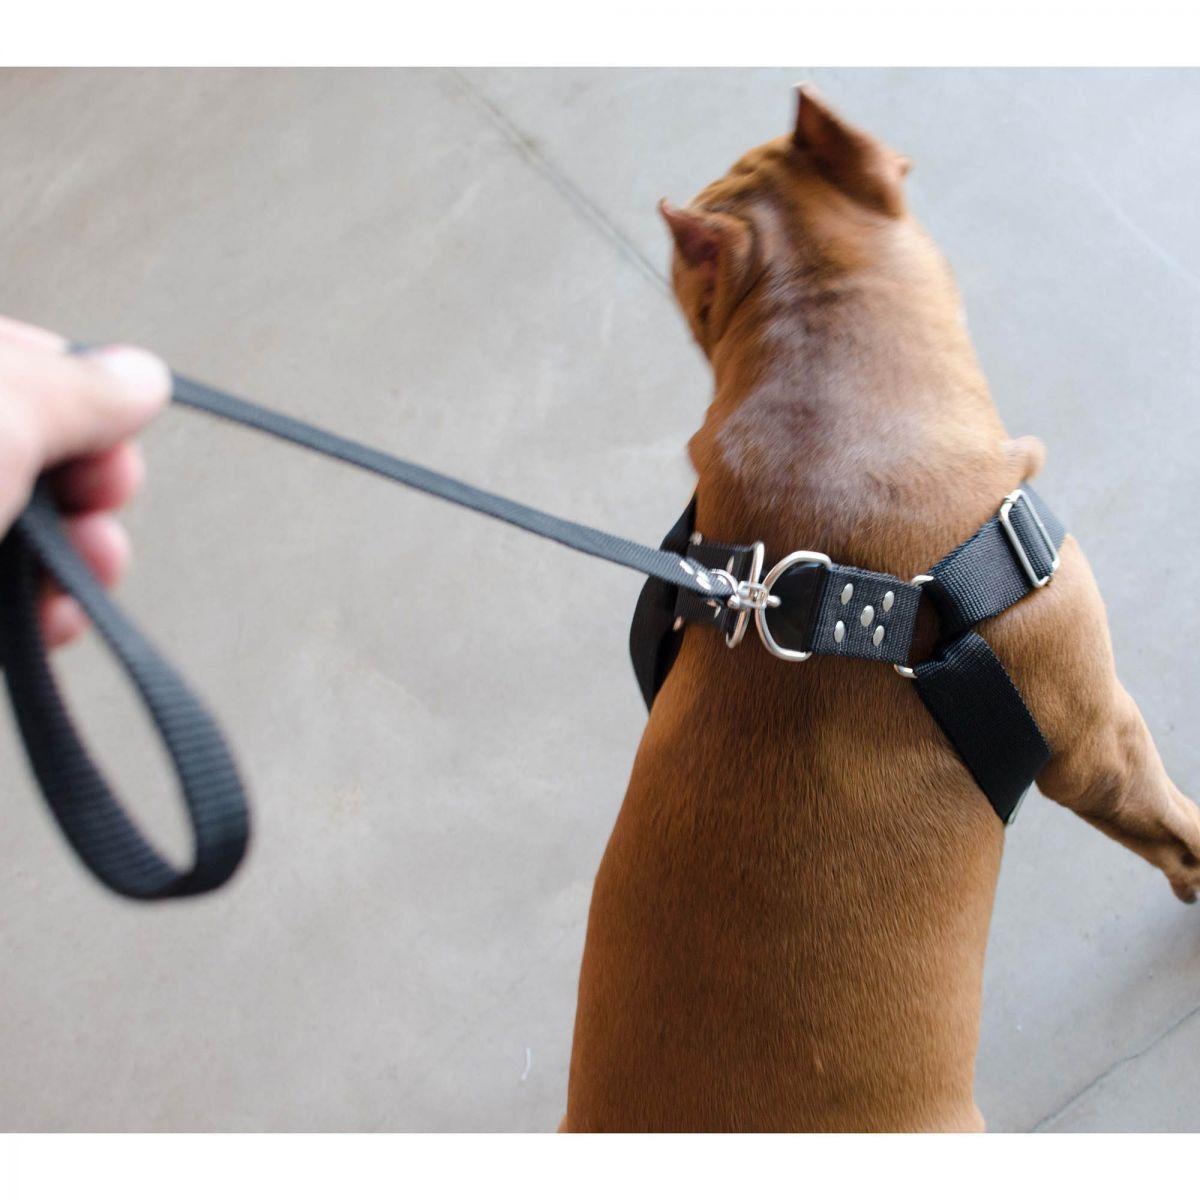 Guia de 1 Metro Resistente Para Cachorros de Maior Porte - Cor Preta